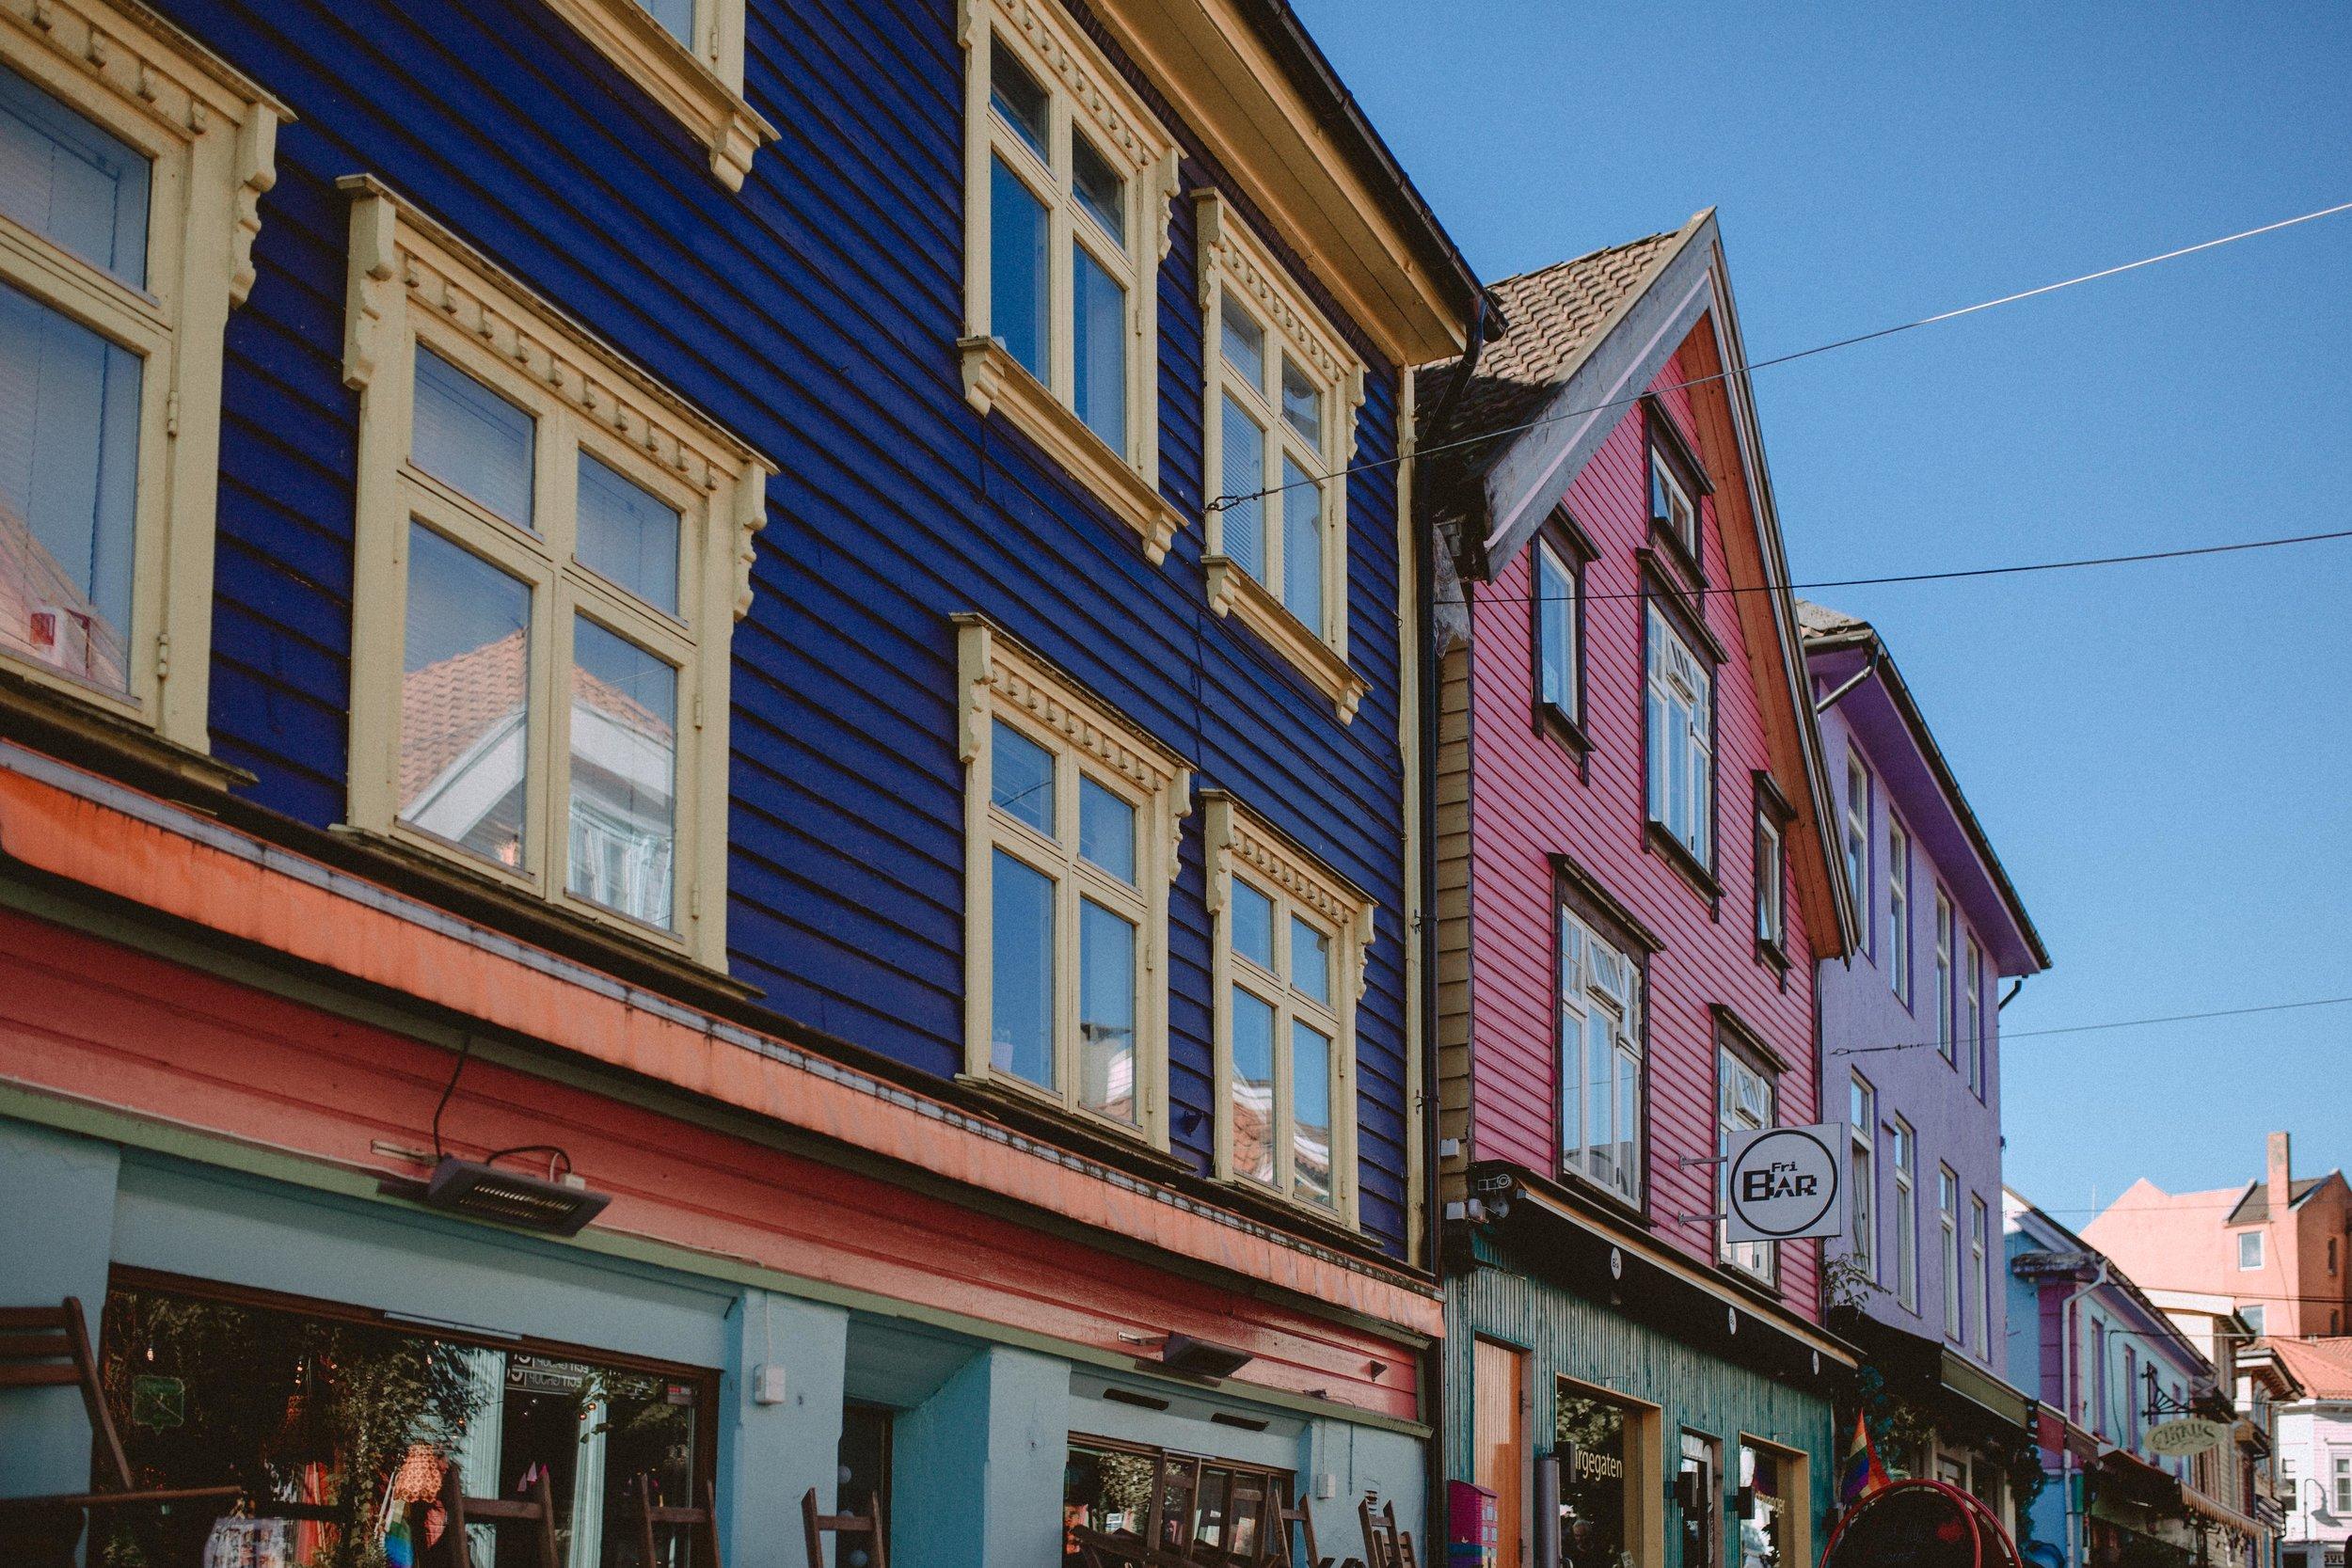 Stavanger_2017_09_02_035519-_CMB.jpg